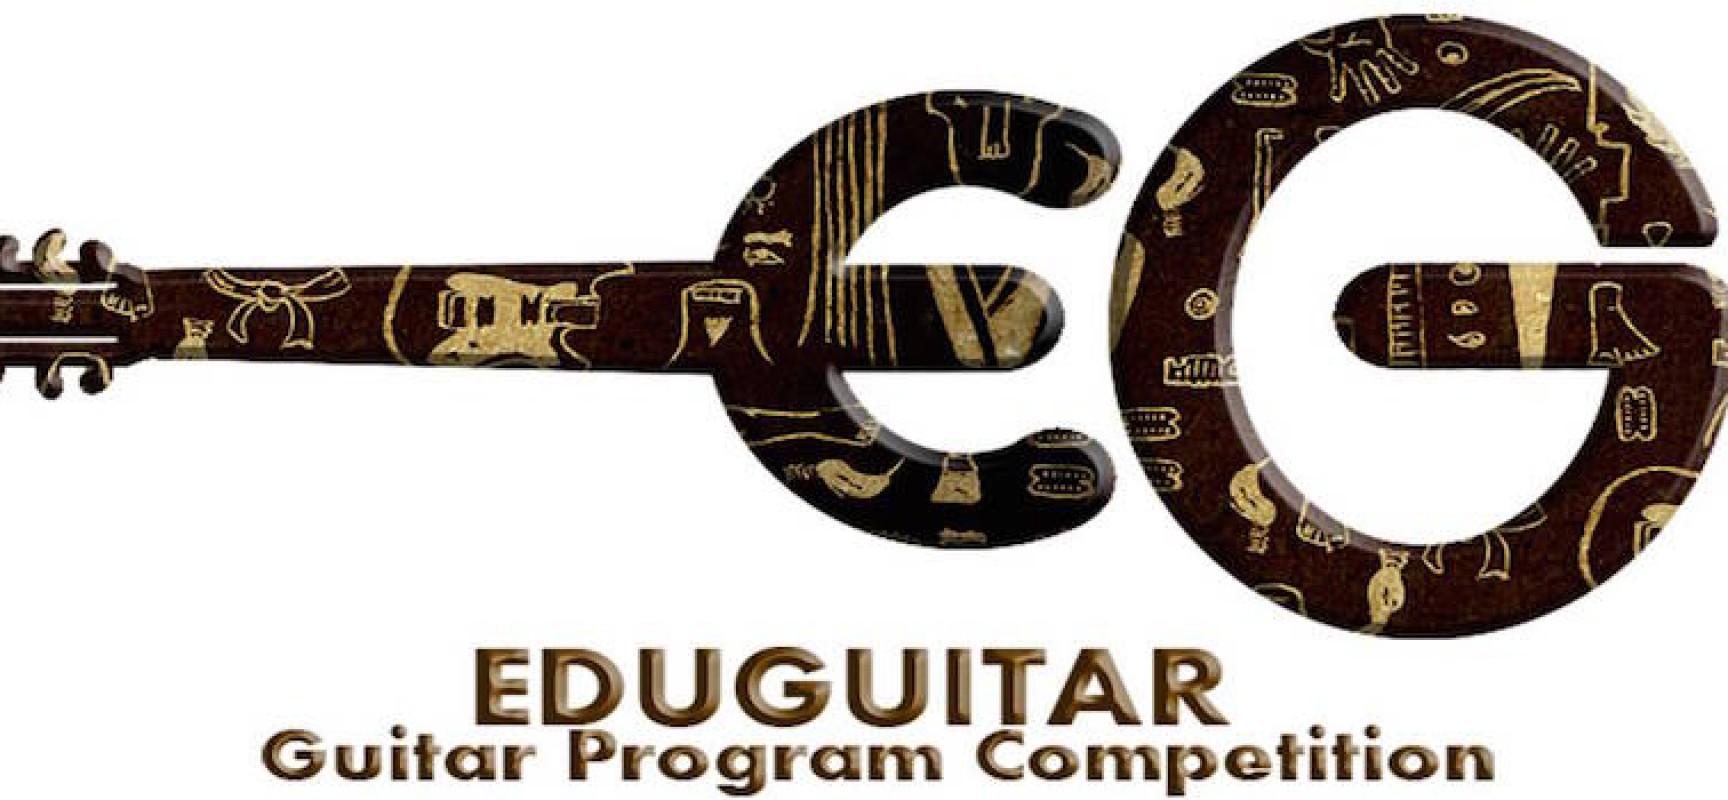 EduGuitarProgram, domani il concerto finale del concorso per giovani chitarristi